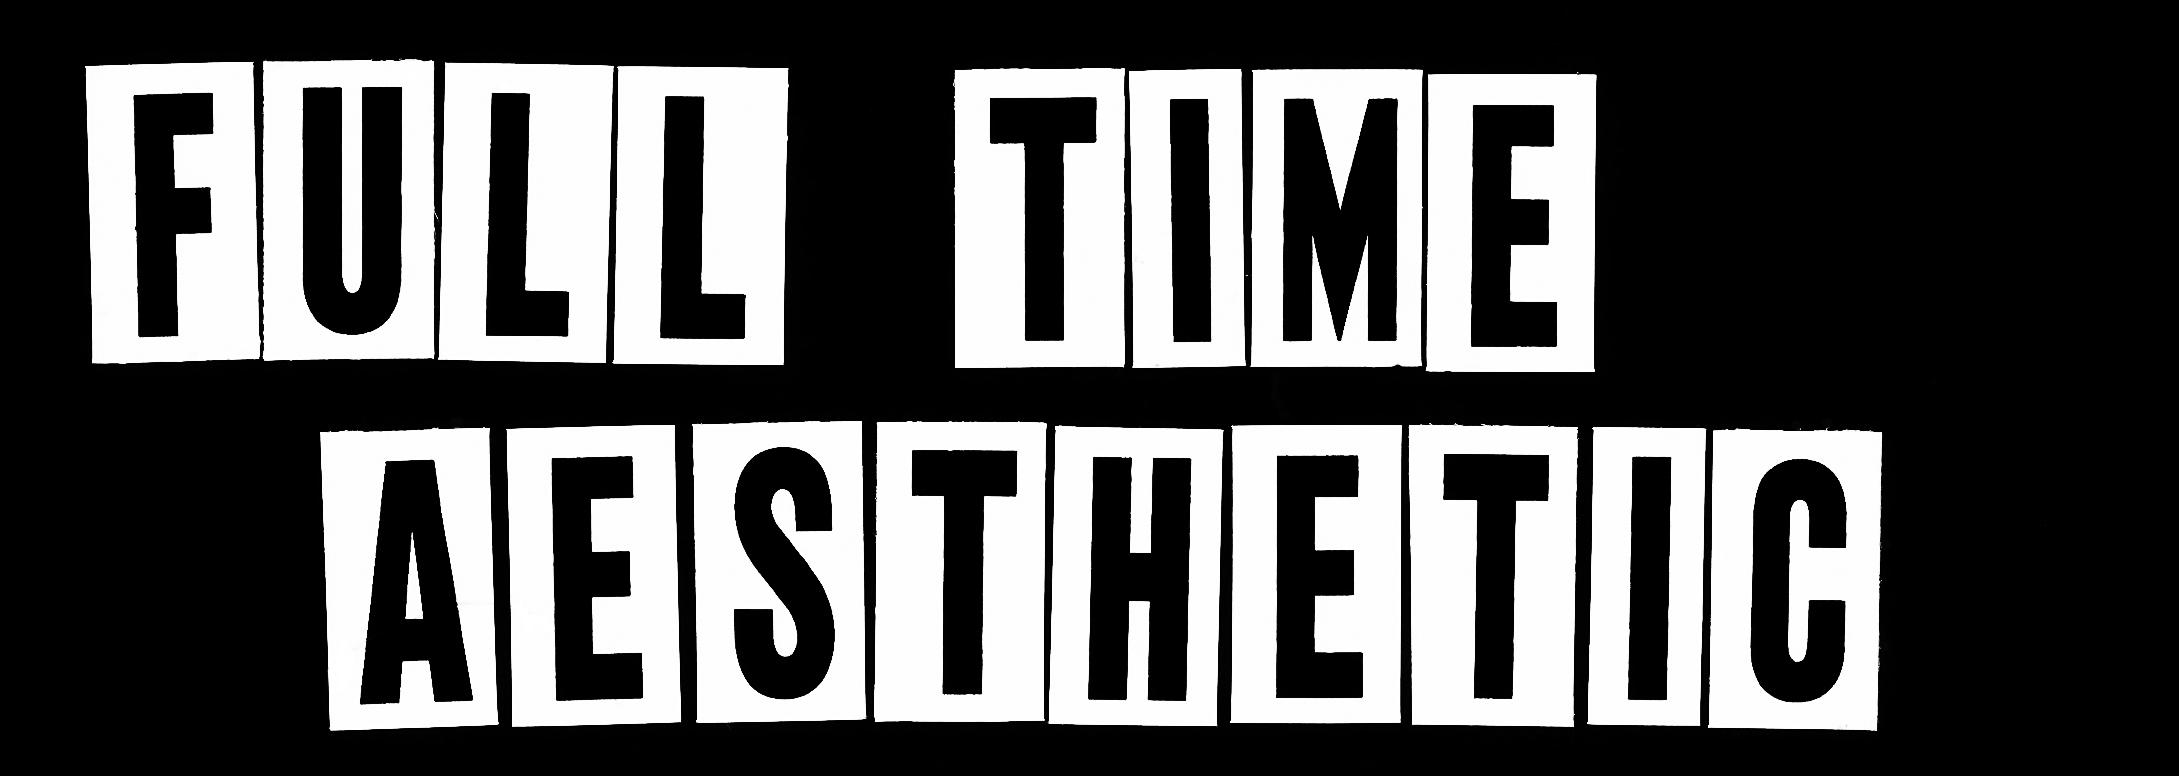 Full Time Aesthetic